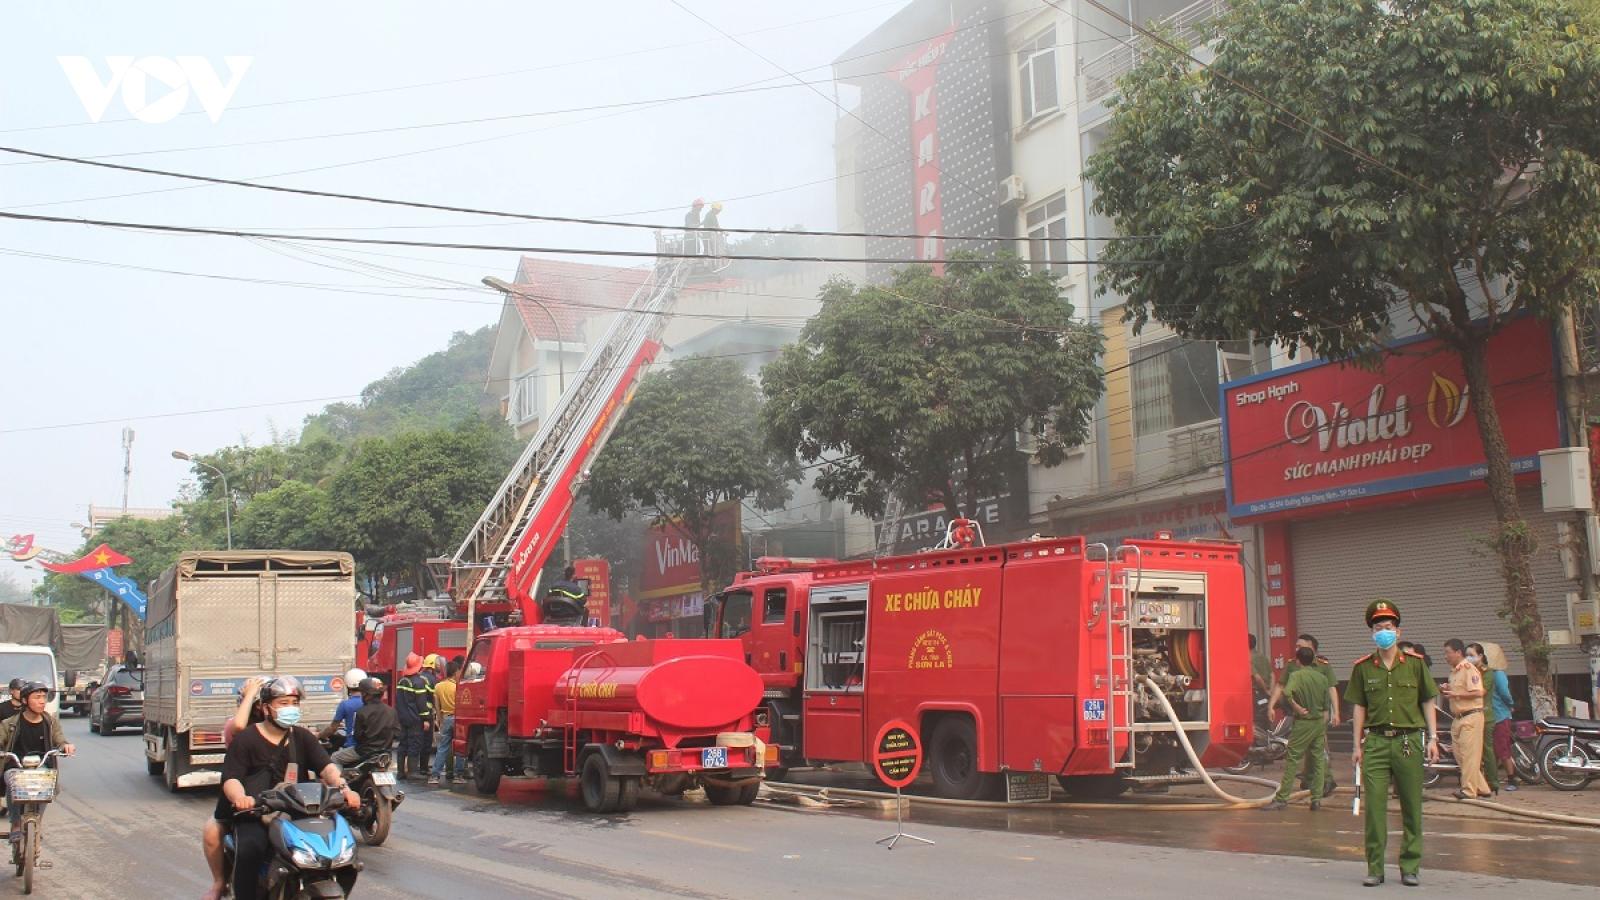 Cháy lớn tại quán Karaoke ở thành phố Sơn La